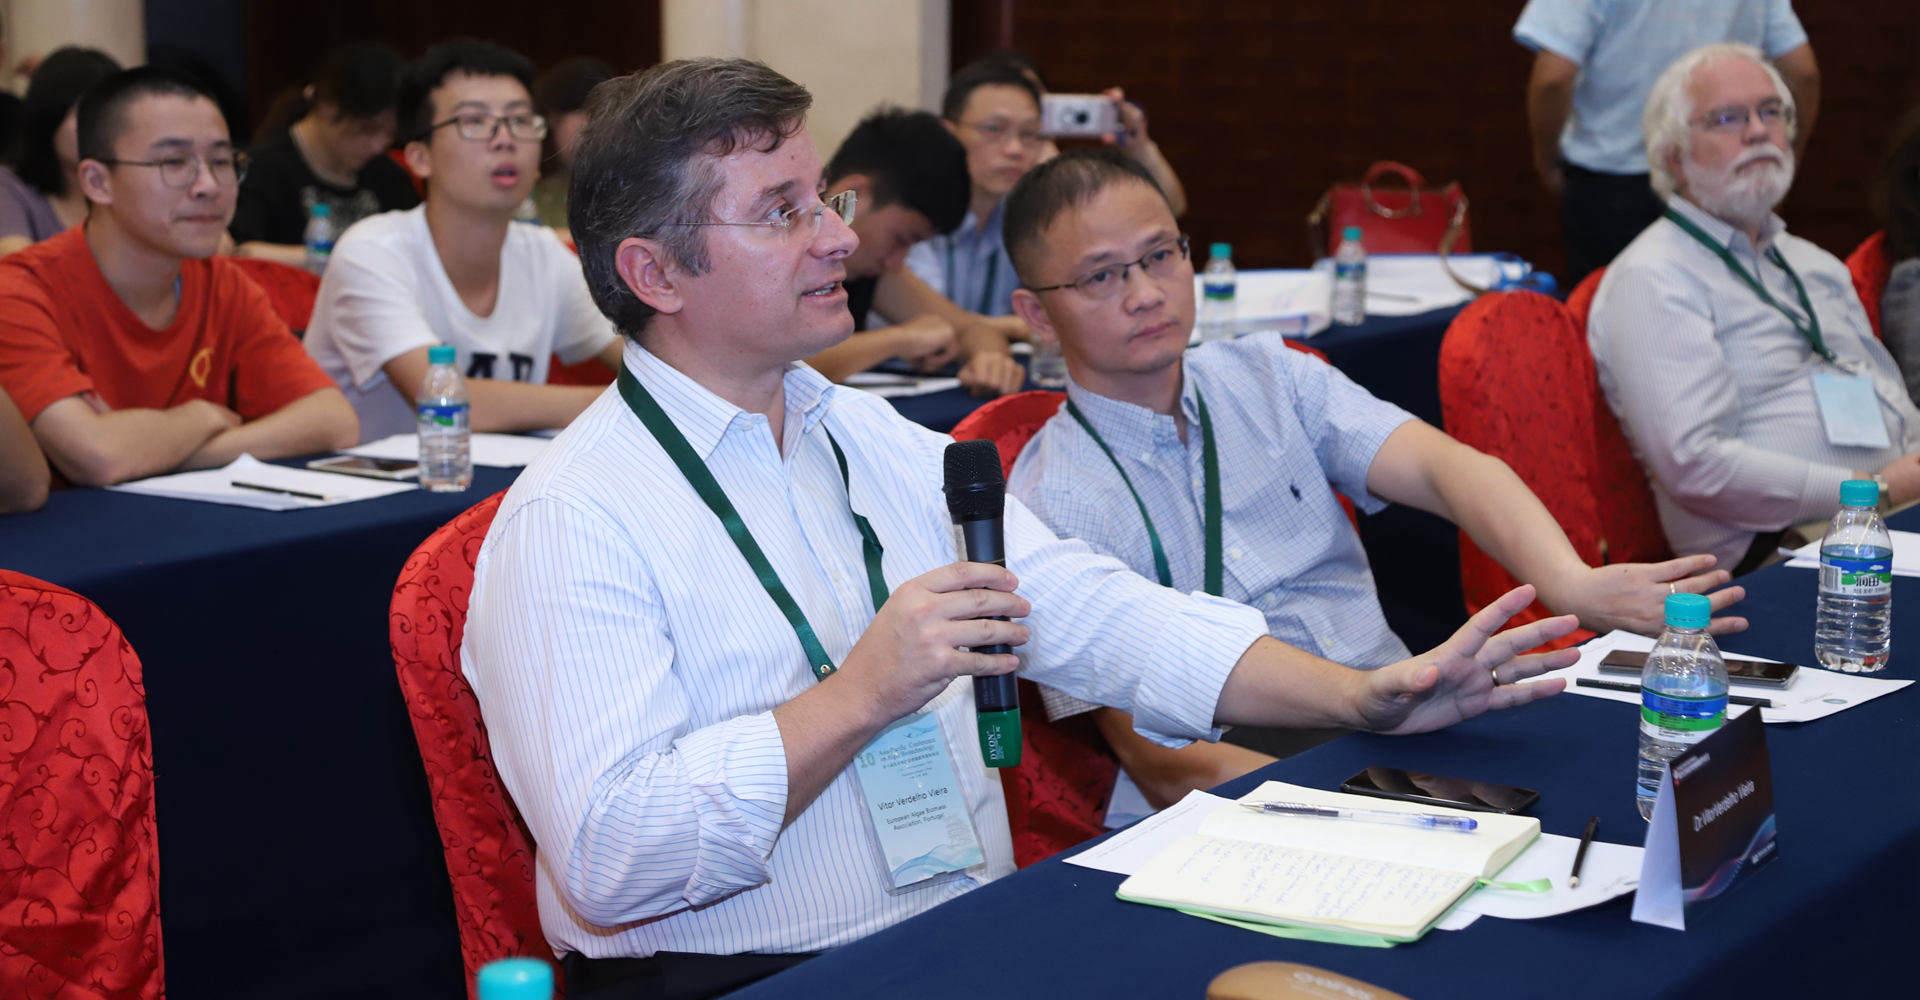 雨生红球藻应用创新国际学术论坛现场专家互动